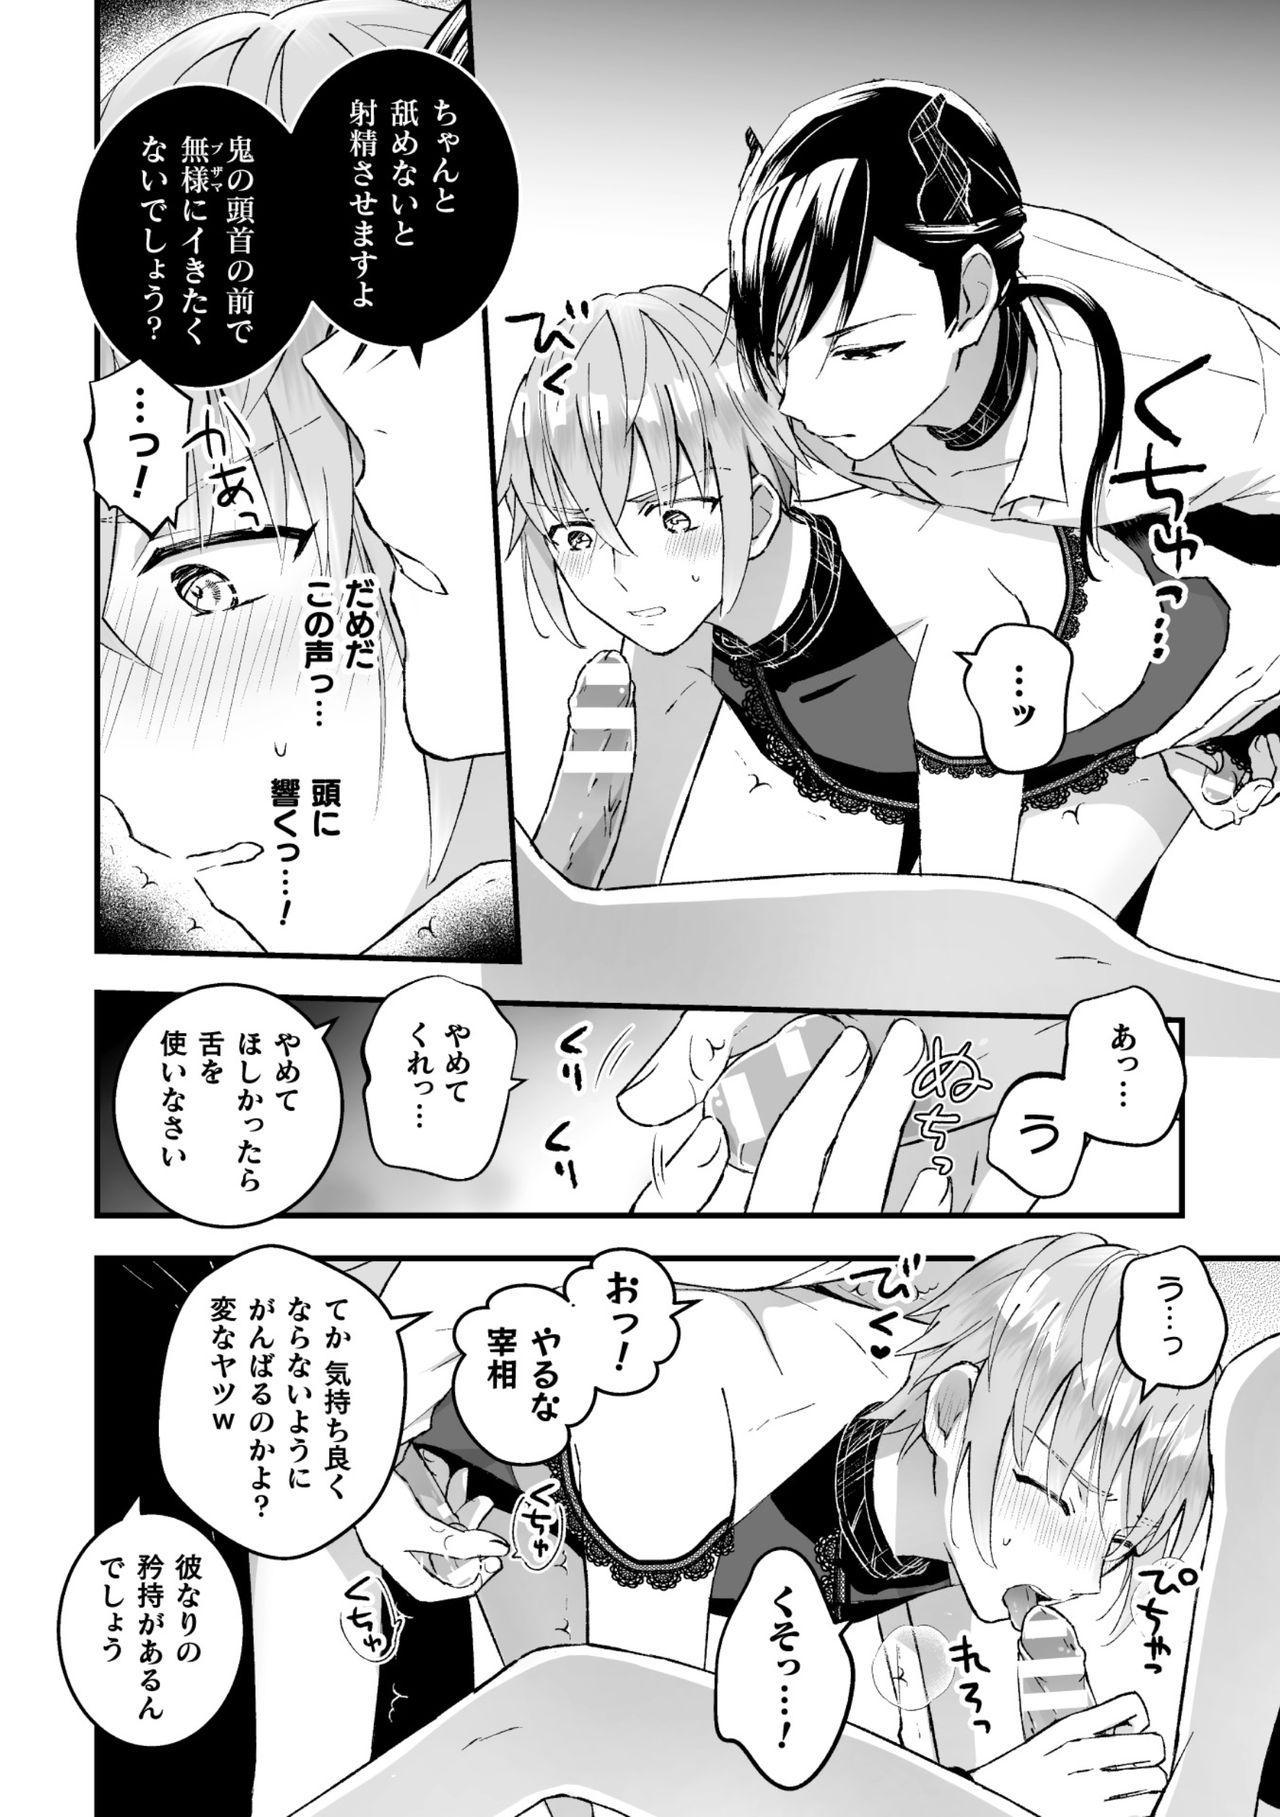 """Otoko Kishi ga """"Ku, Korose!"""" tte Iu kara Mesu Choukyou Shitemita Ch. 3 7"""